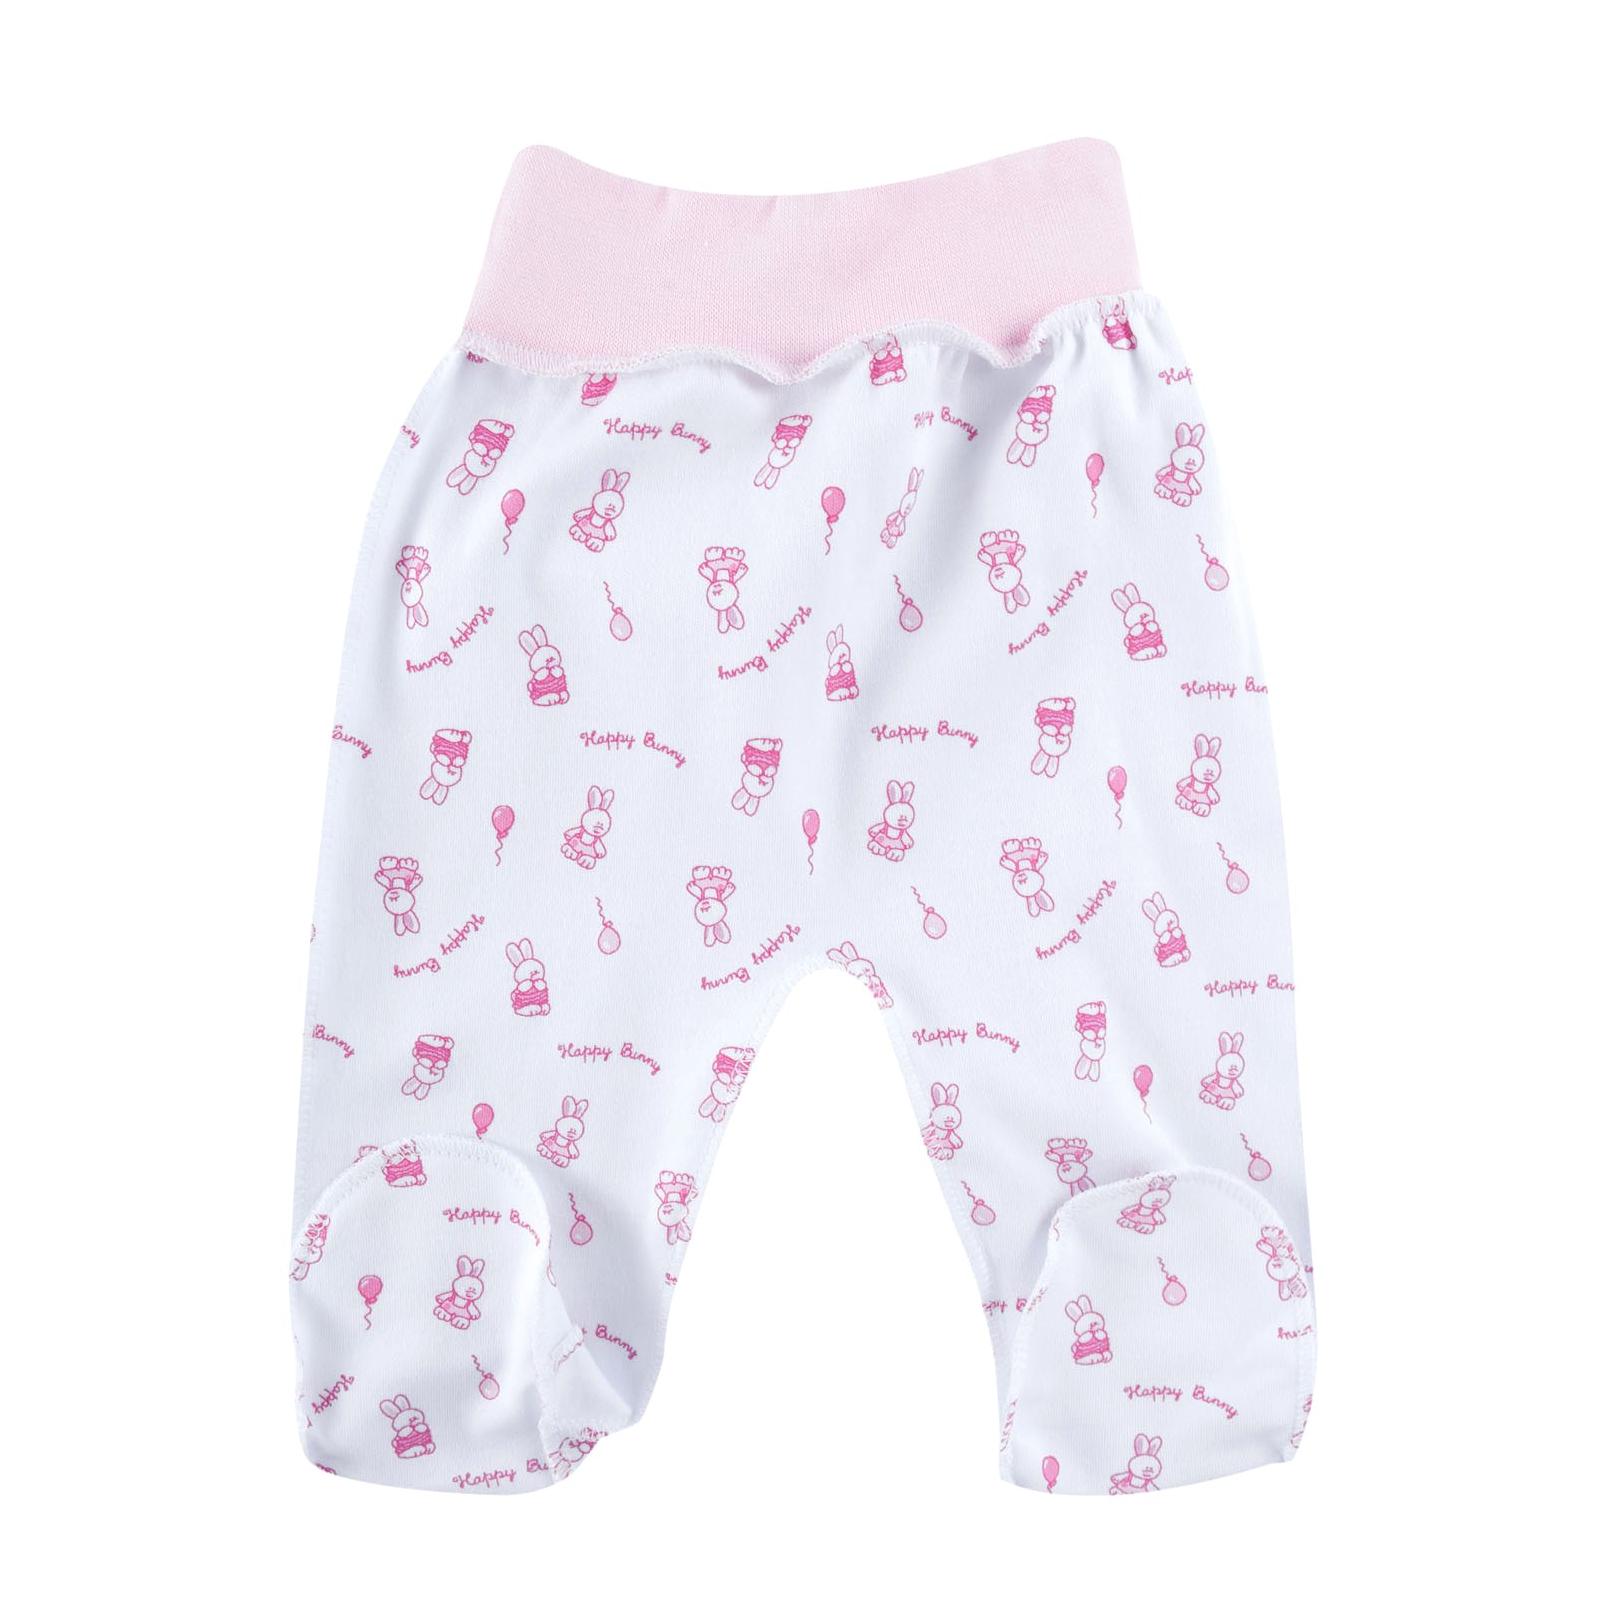 Ползунки на поясе КОТМАРКОТ для девочки, цвет розовый 0-1 мес (размер 50)<br>